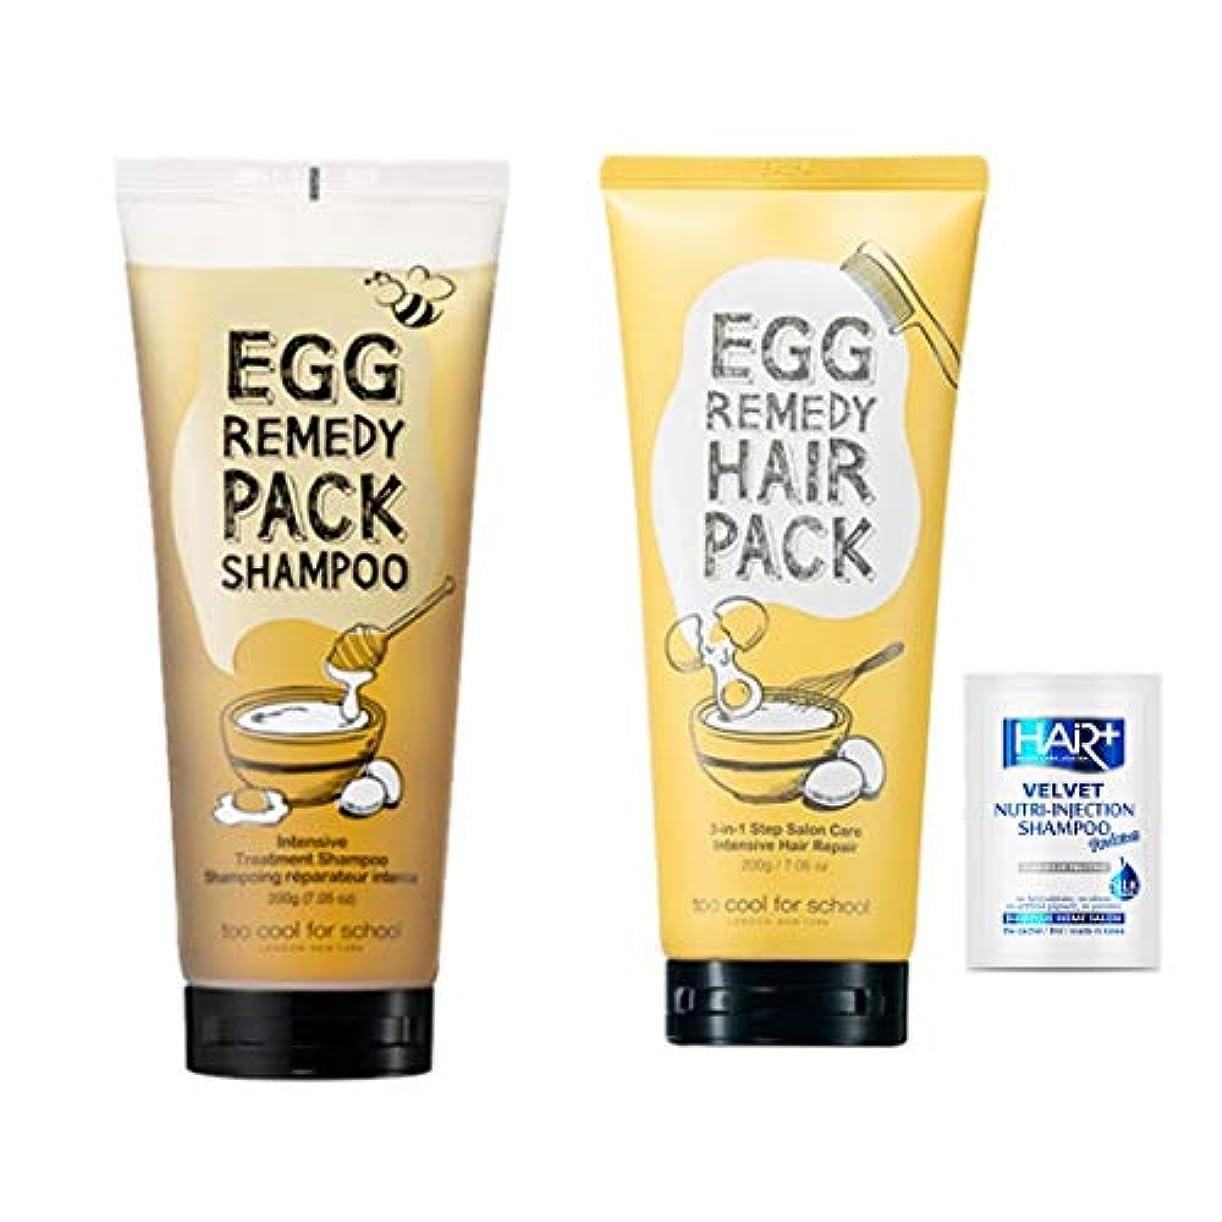 ネックレットジャズ必需品トゥークールフォ―スクール(too cool for school)/エッグレミディパックシャンプーtoo cool for school Egg Remedy Pack Shampoo 200ml + エッグレミディヘアパック...